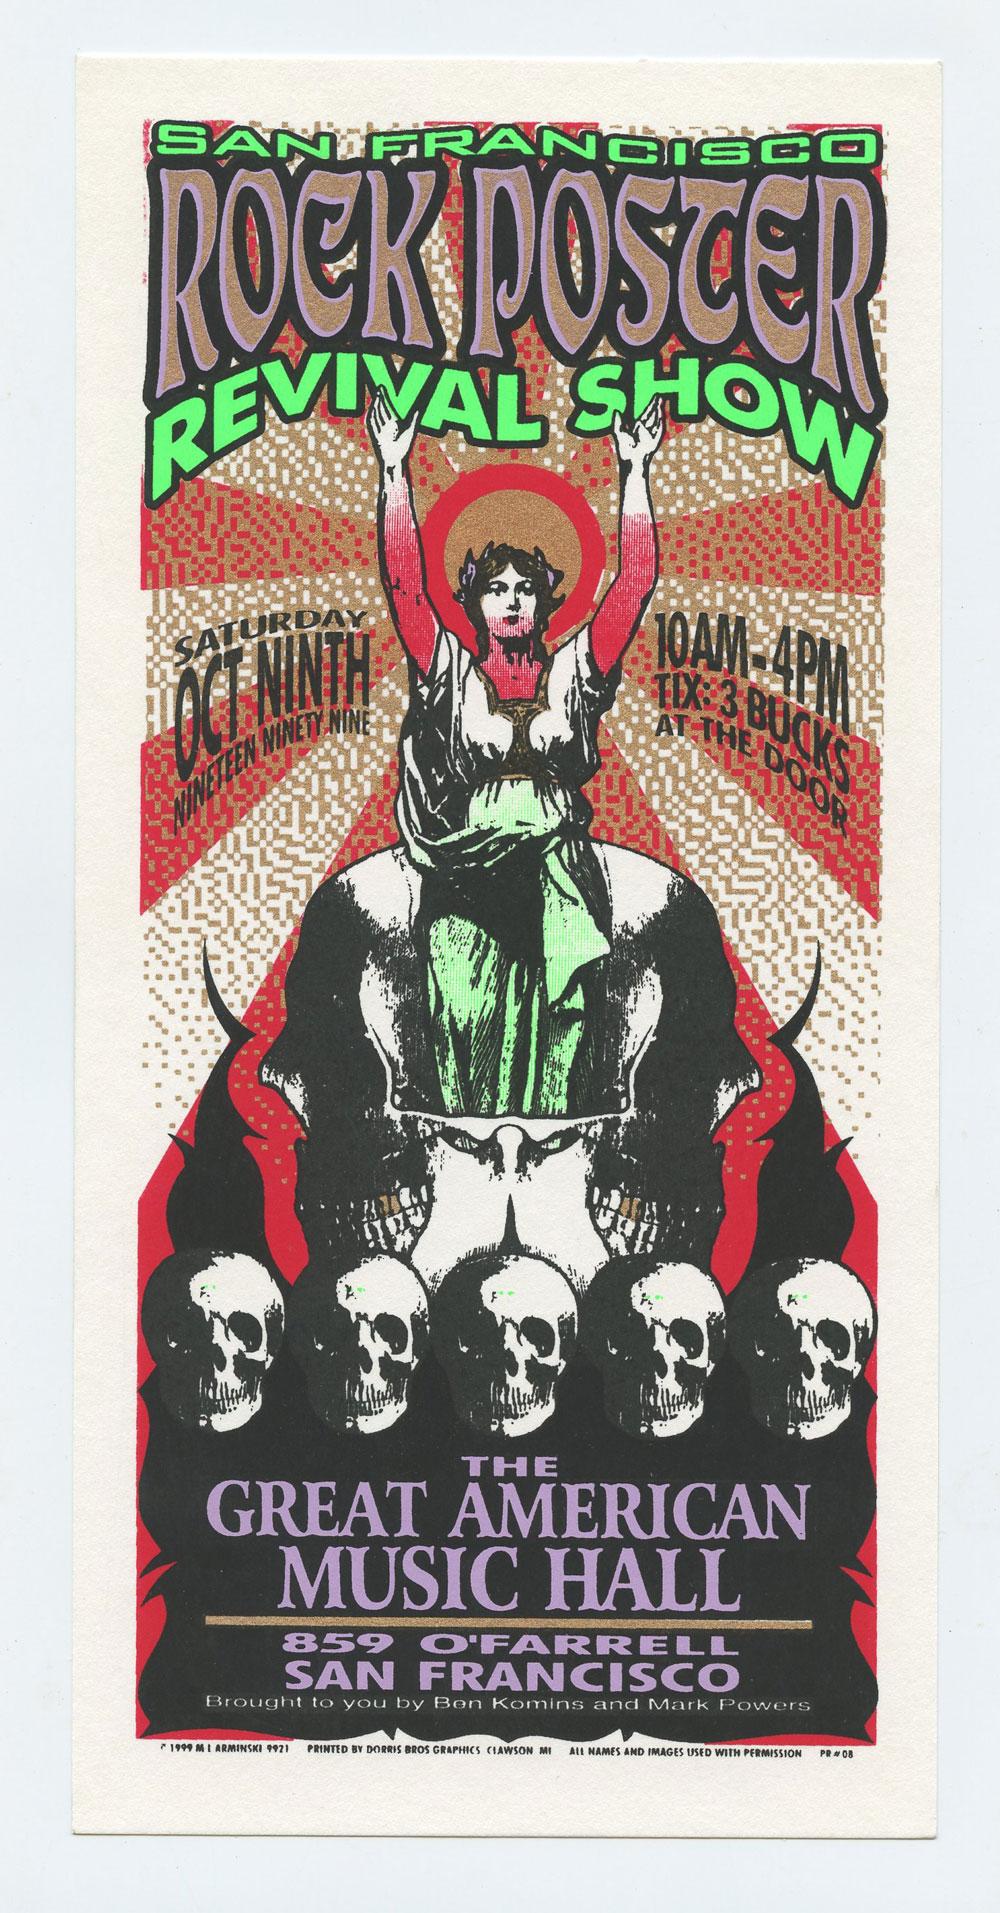 Rock Poster Revival Show 1999 Oct 9 San Francisco Handbill Mark Arminski